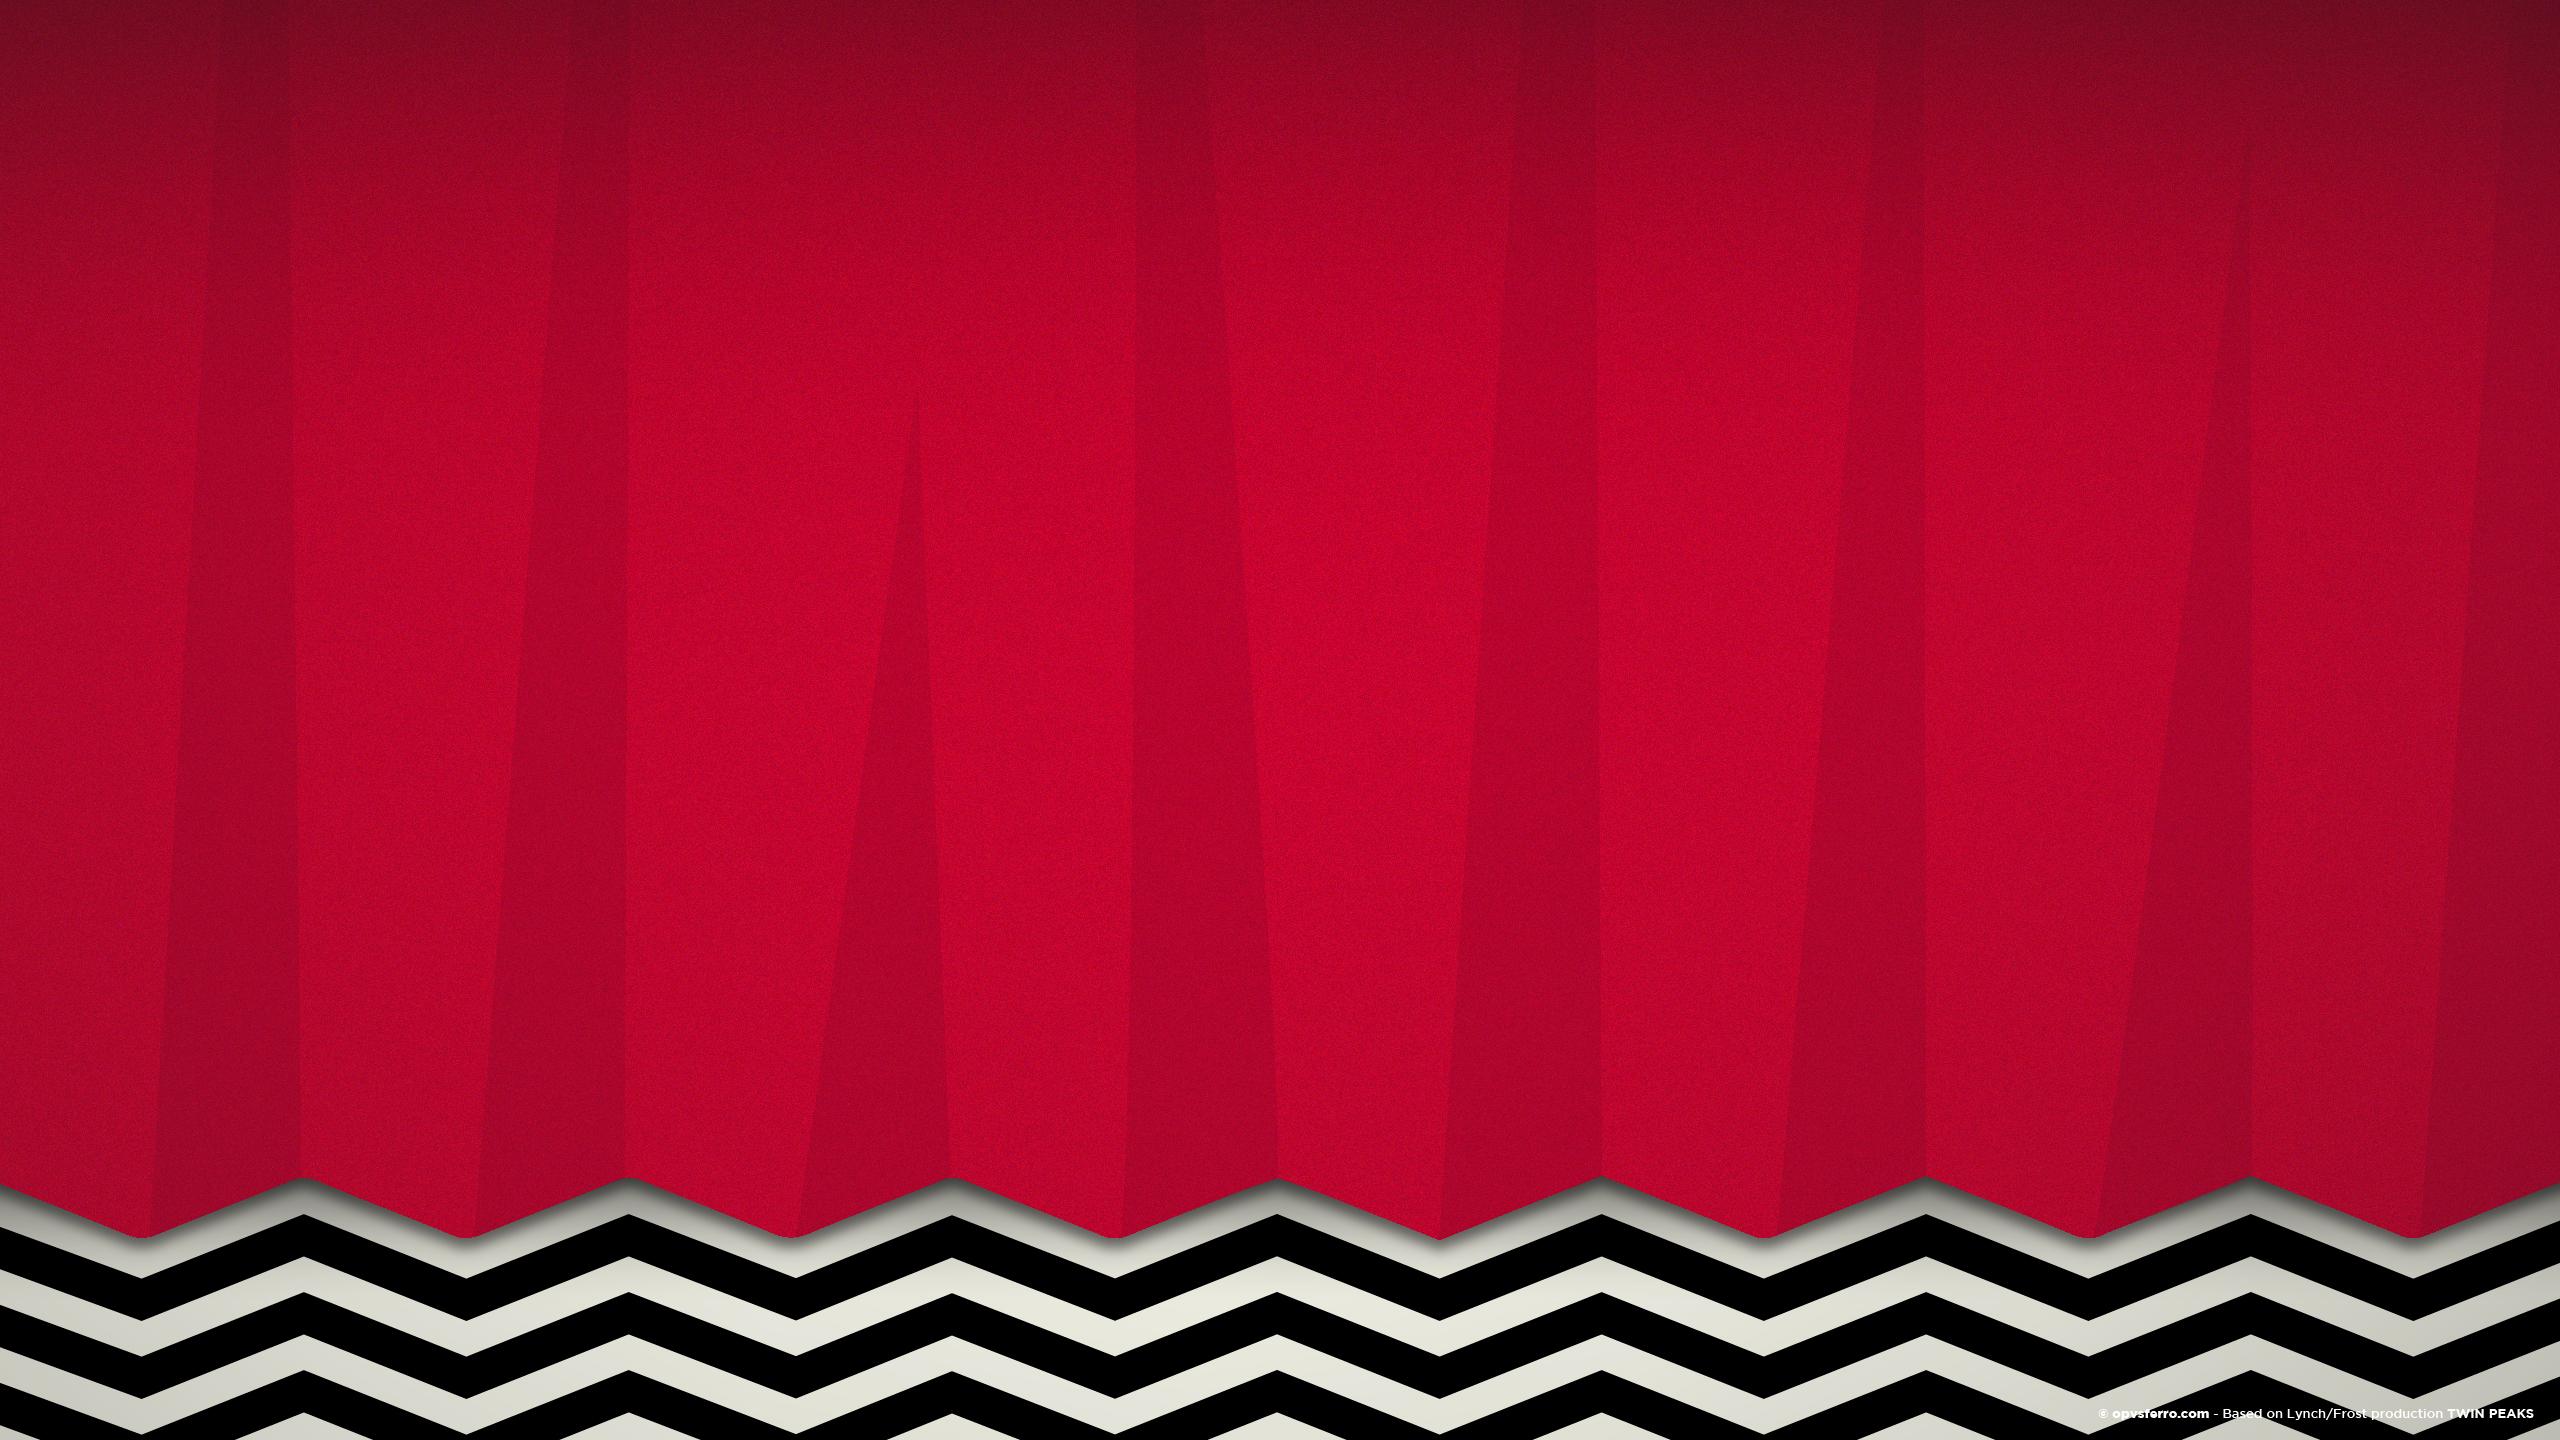 Twin Peaks - Ferro